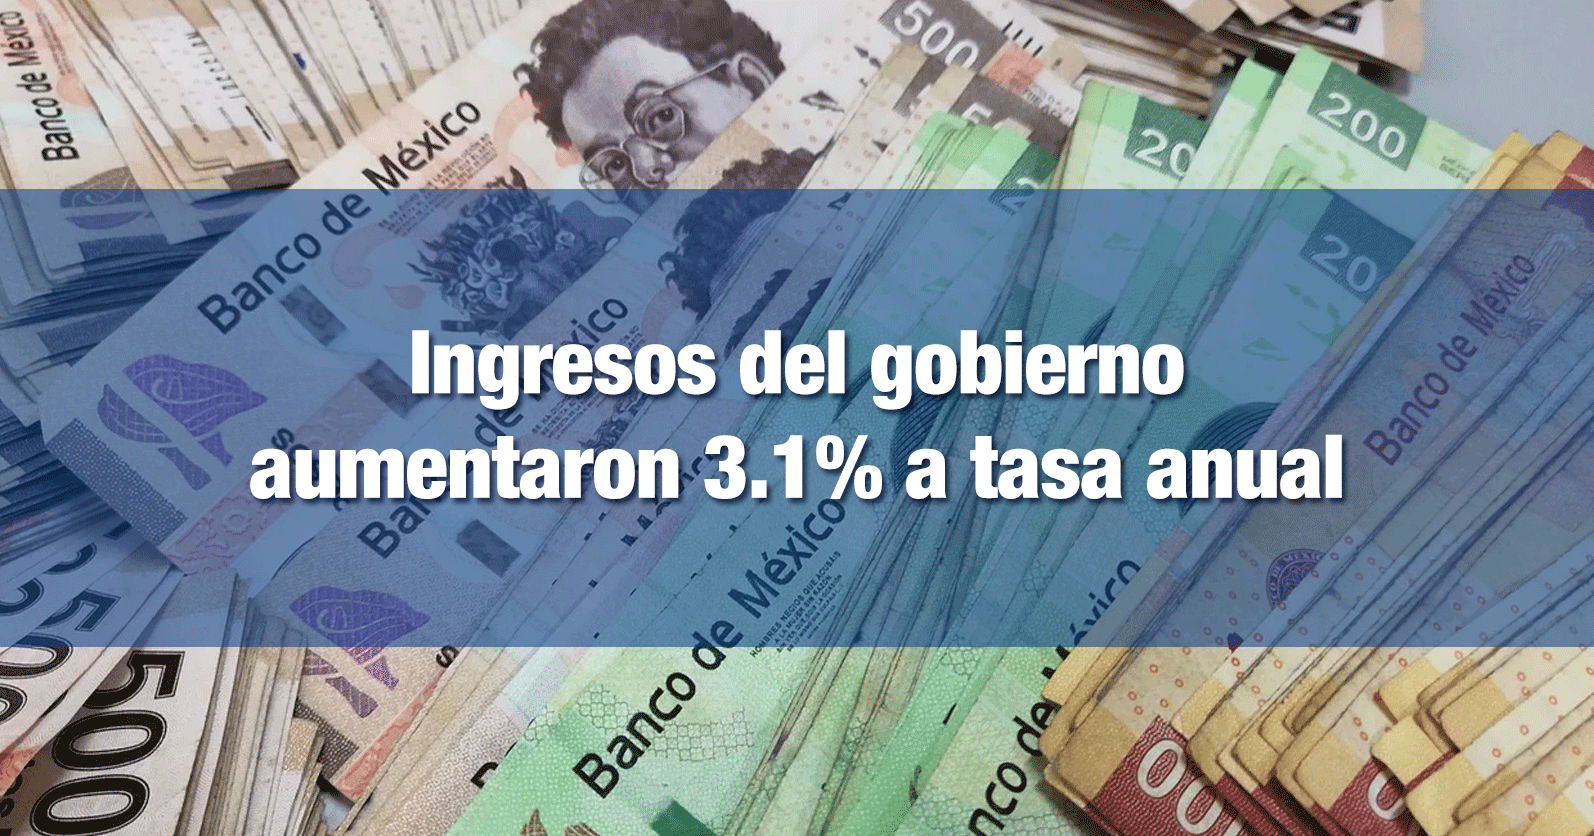 Ingresos del gobierno aumentaron 3.1% a tasa anual